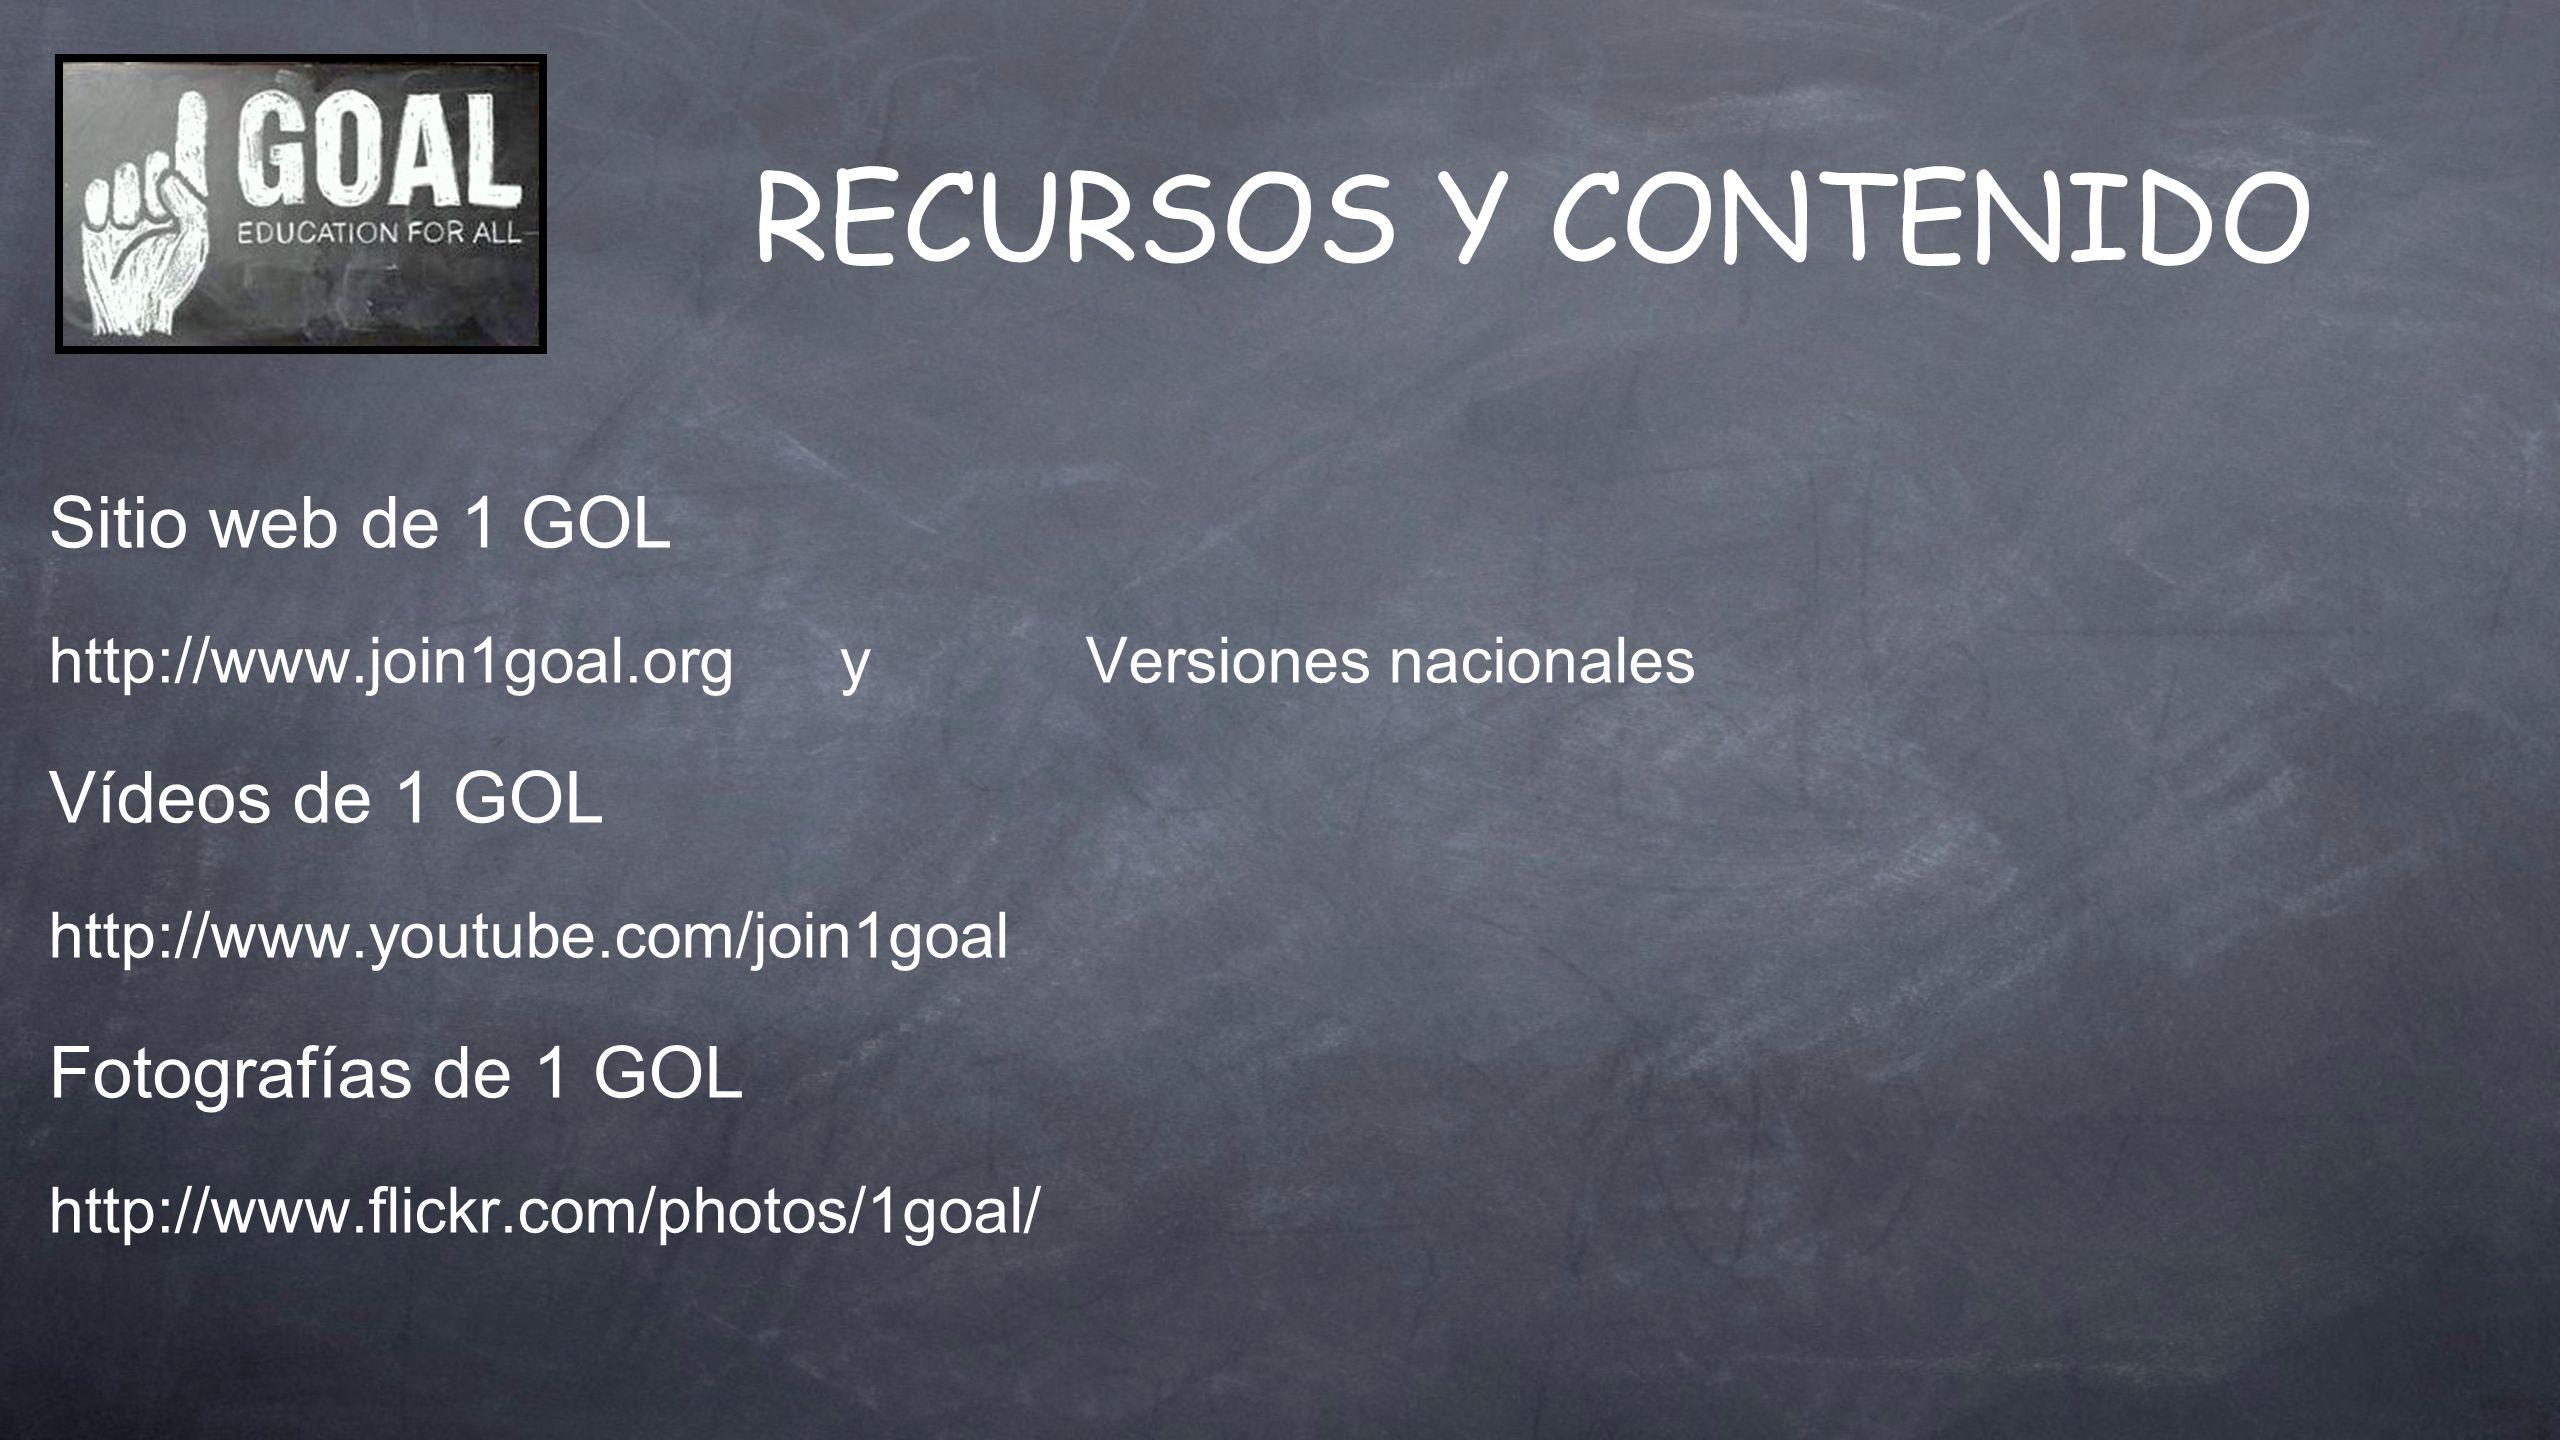 RECURSOS Y CONTENIDO Sitio web de 1 GOL http://www.join1goal.org y Versiones nacionales Vídeos de 1 GOL http://www.youtube.com/join1goal Fotografías de 1 GOL http://www.flickr.com/photos/1goal/